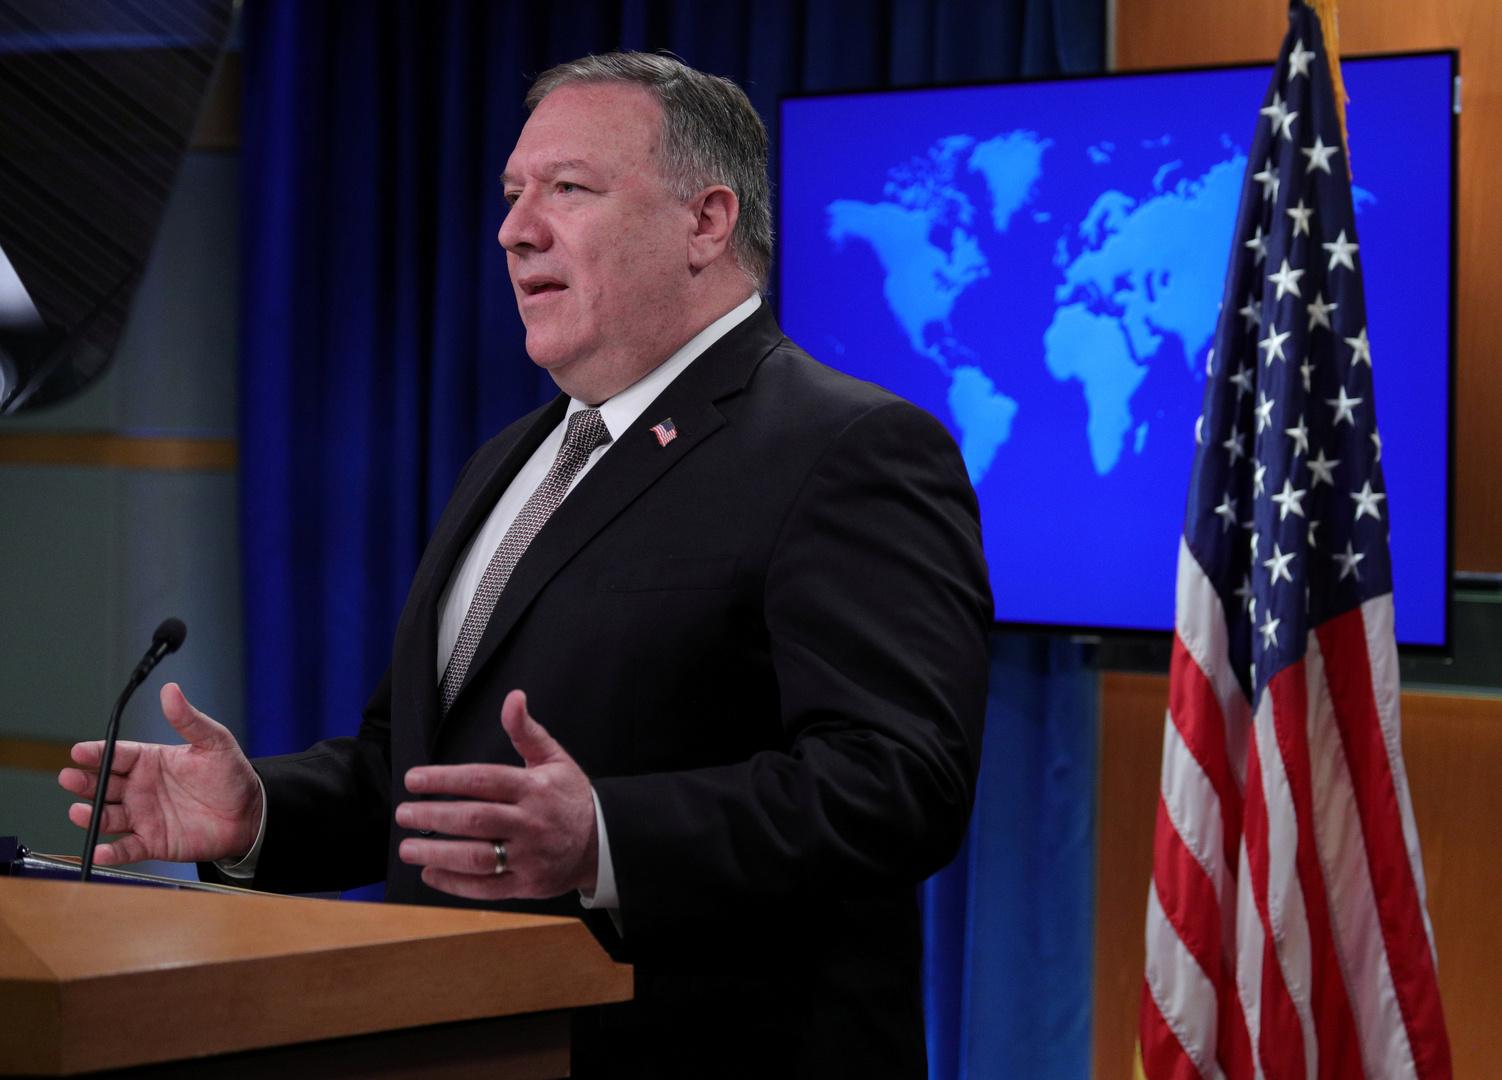 واشنطن وباريس تدعوان أرمينيا وأذربيجان إلى وقف التصعيد على الحدود بين البلدين